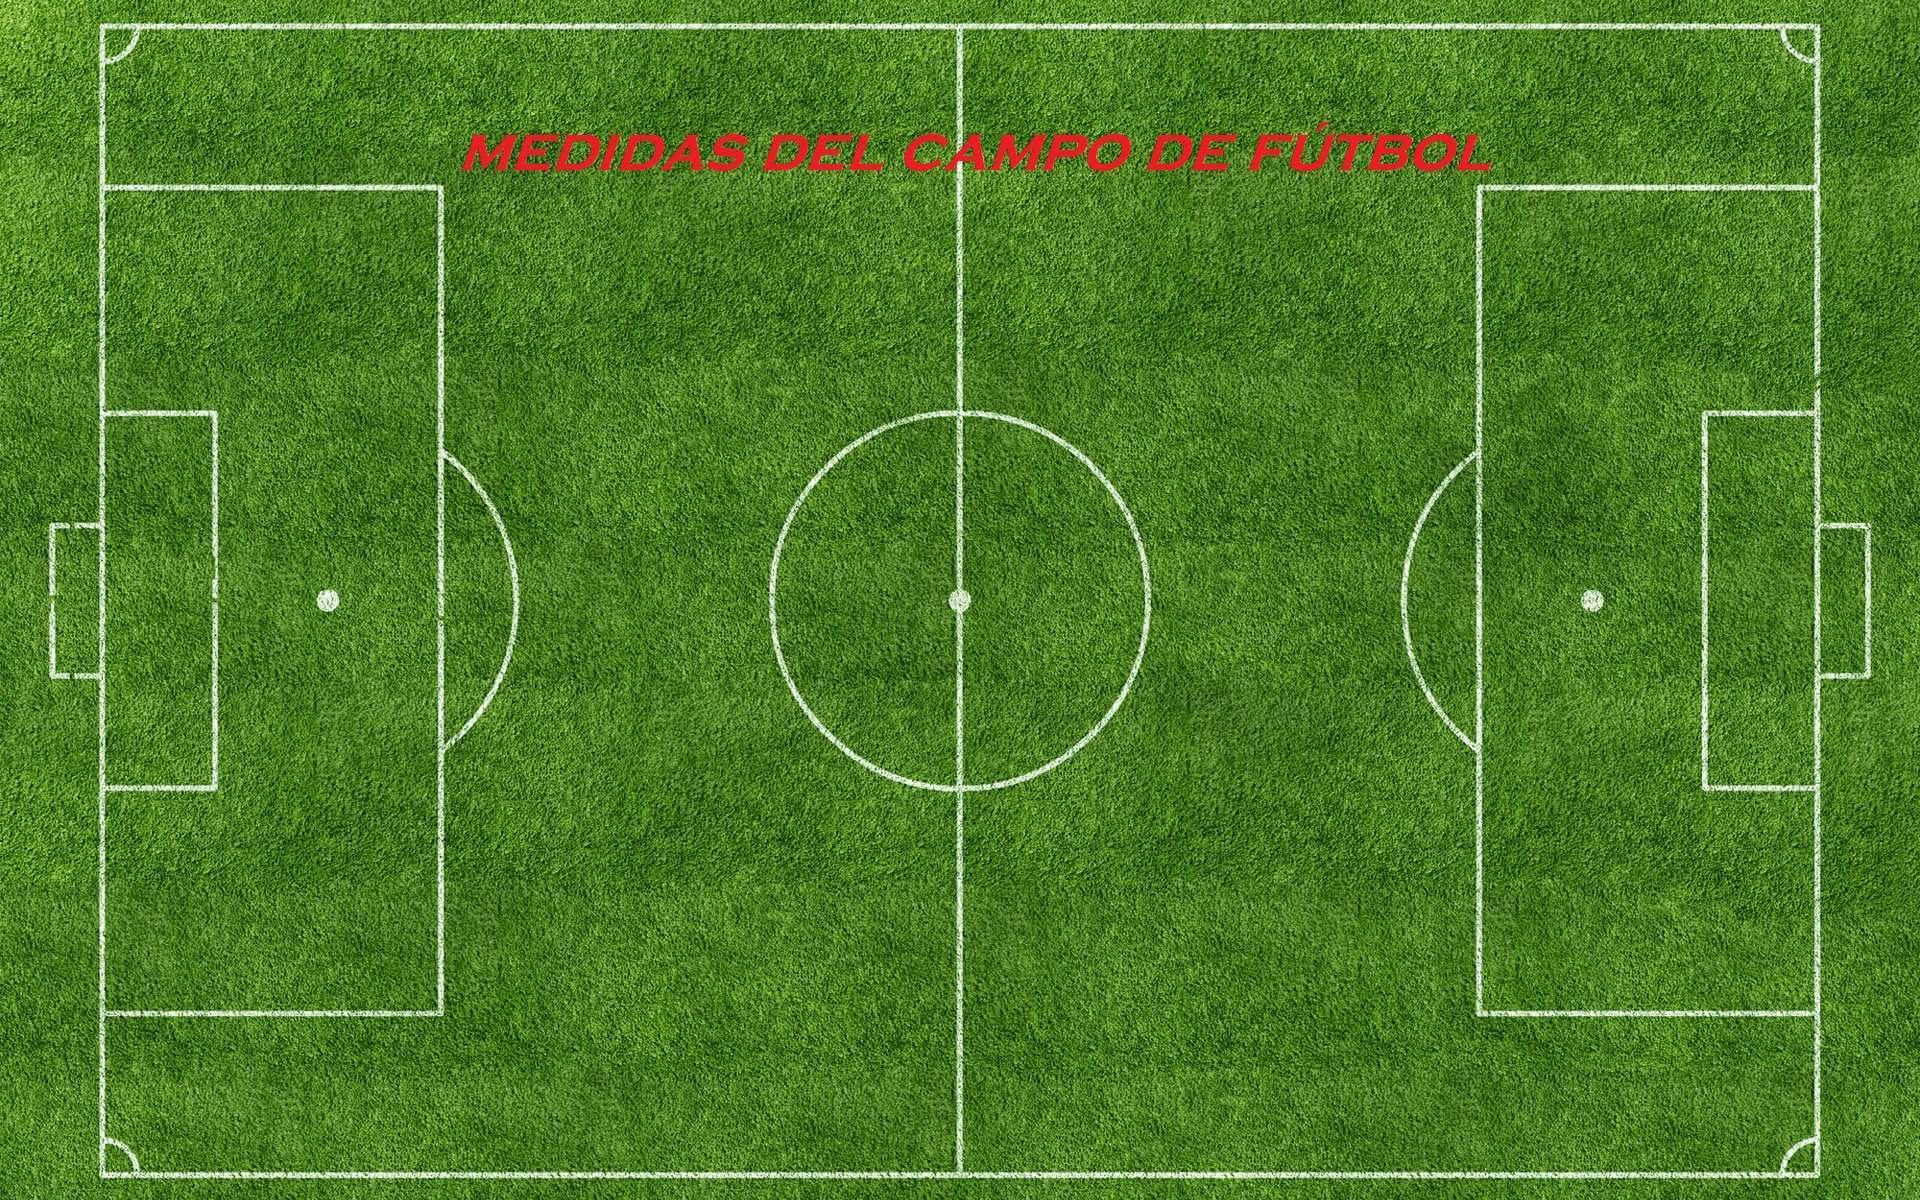 Medidas de un campo de f tbol dimensiones del for En juego largo hay desquite